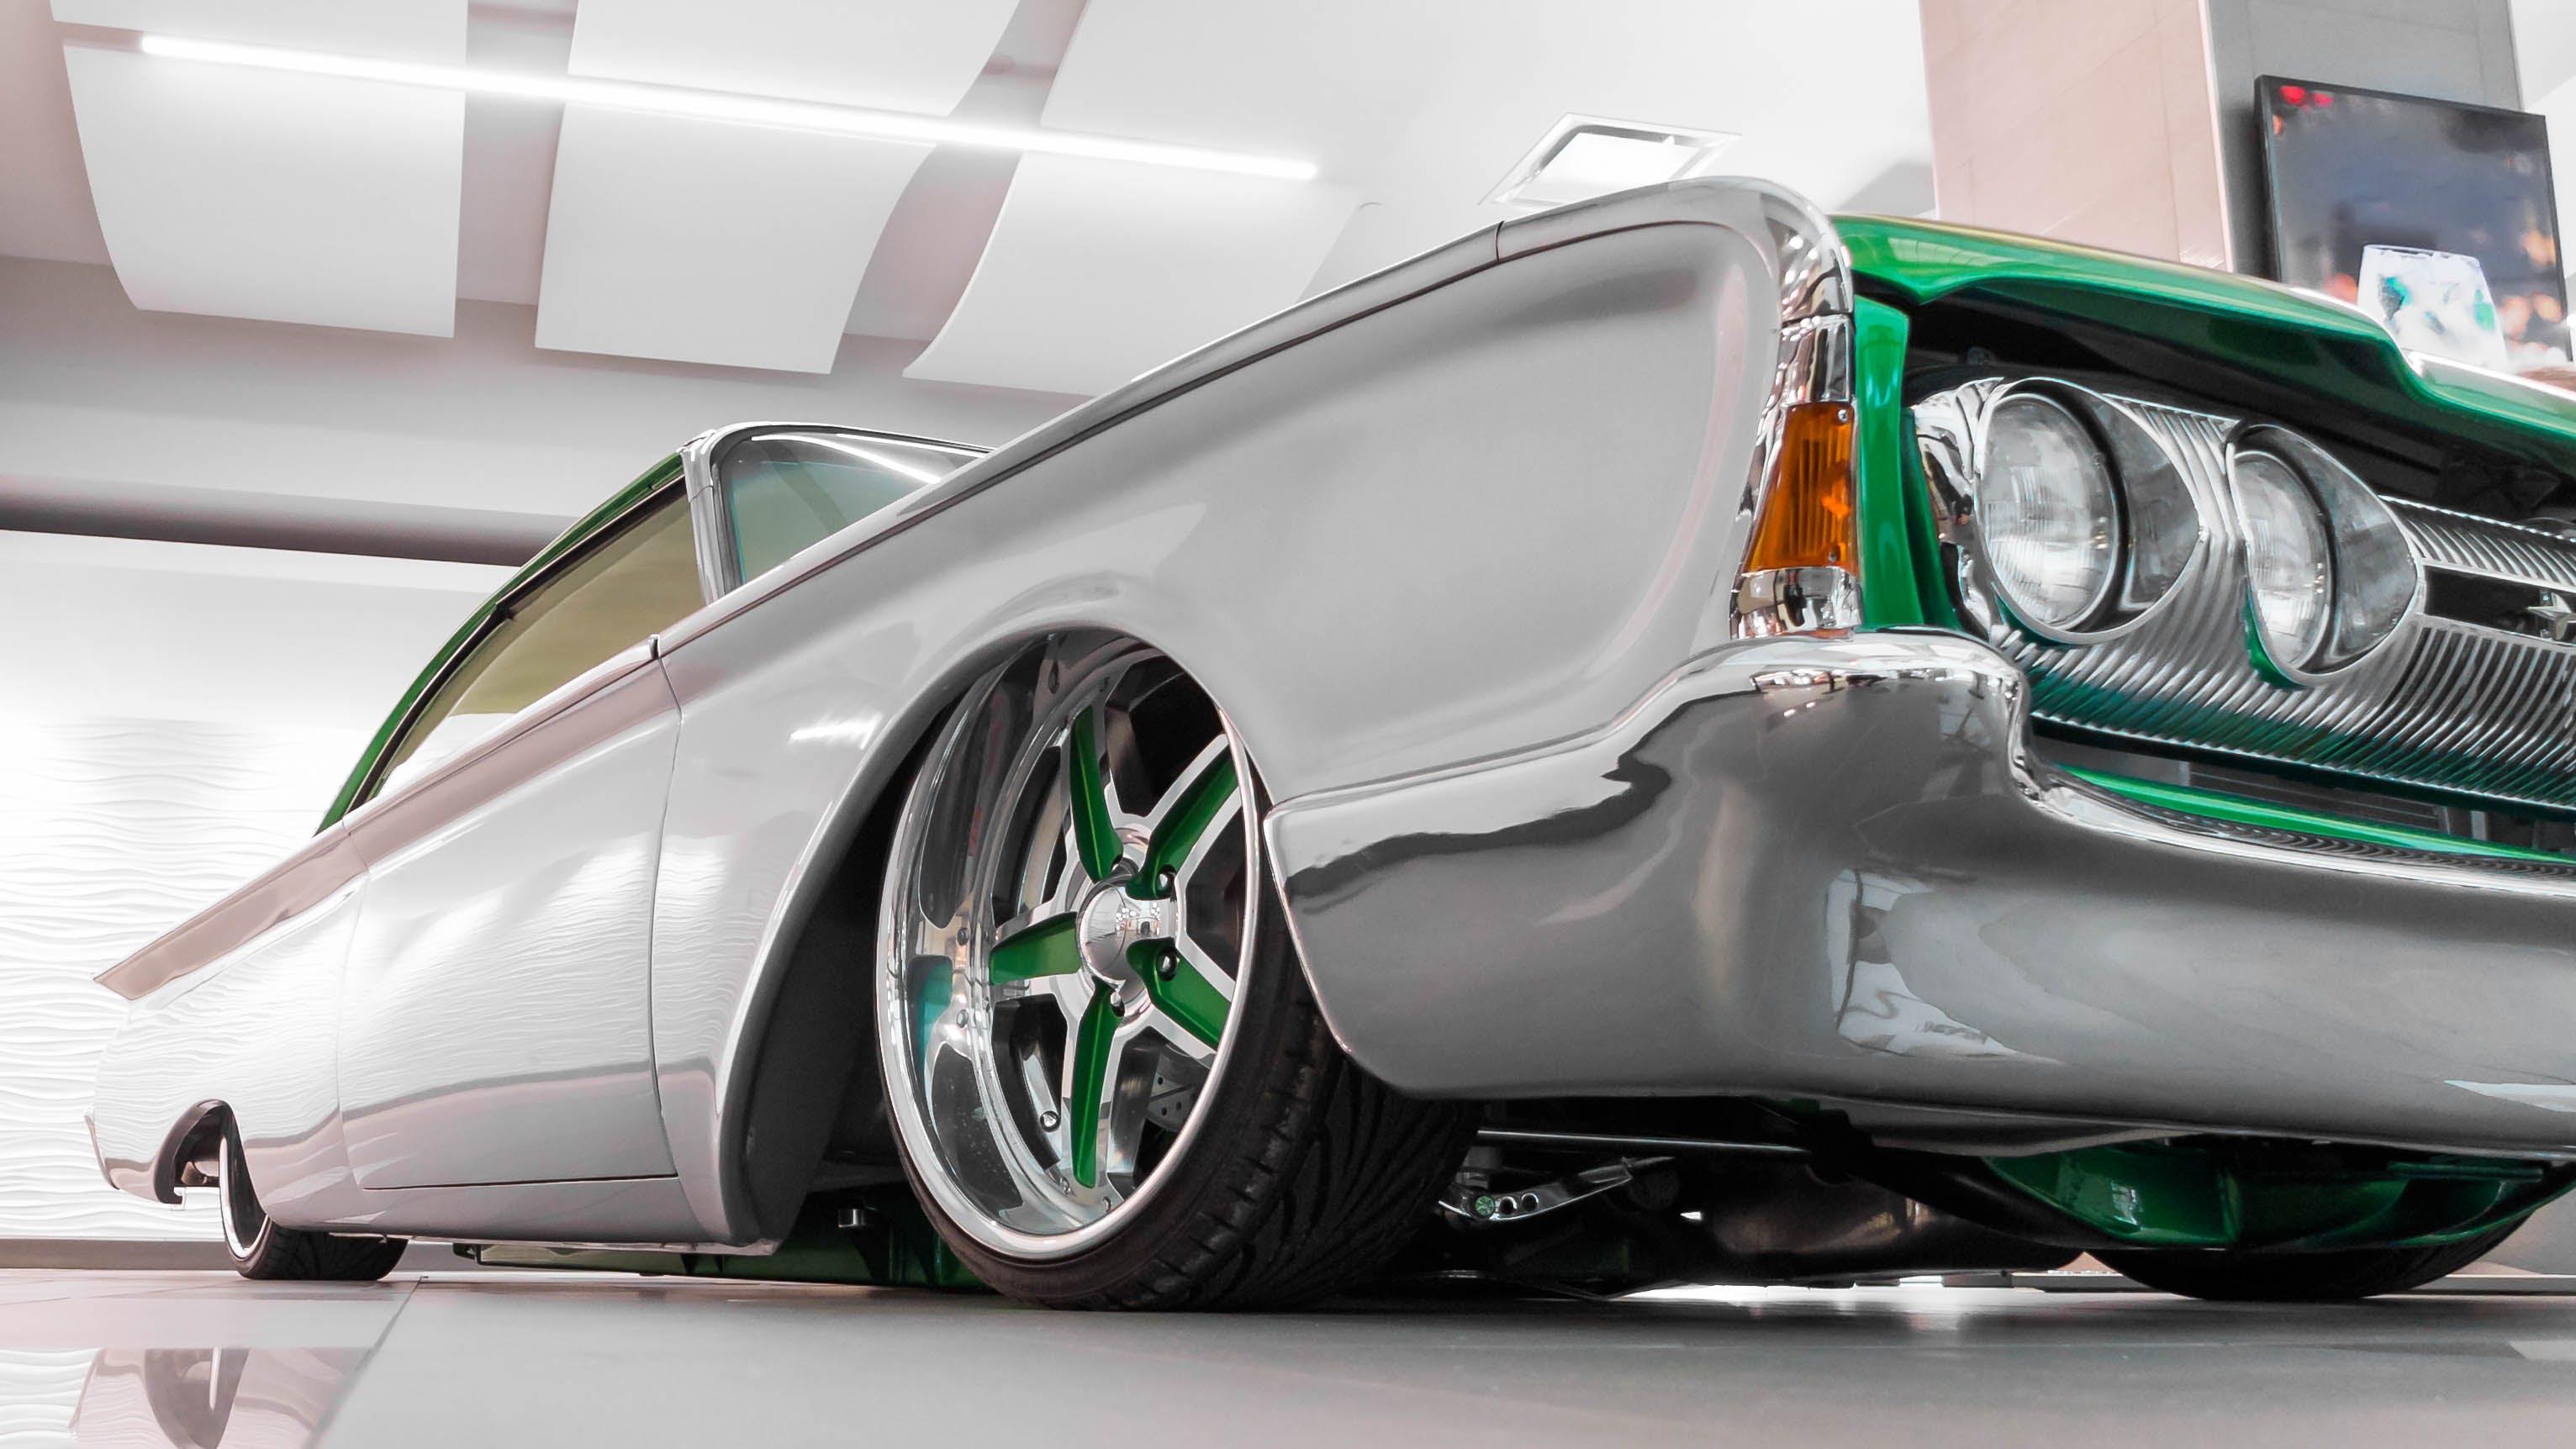 Безкоштовне стокове фото на тему «автомобіль, автомобільний, класичний, Перспектива»